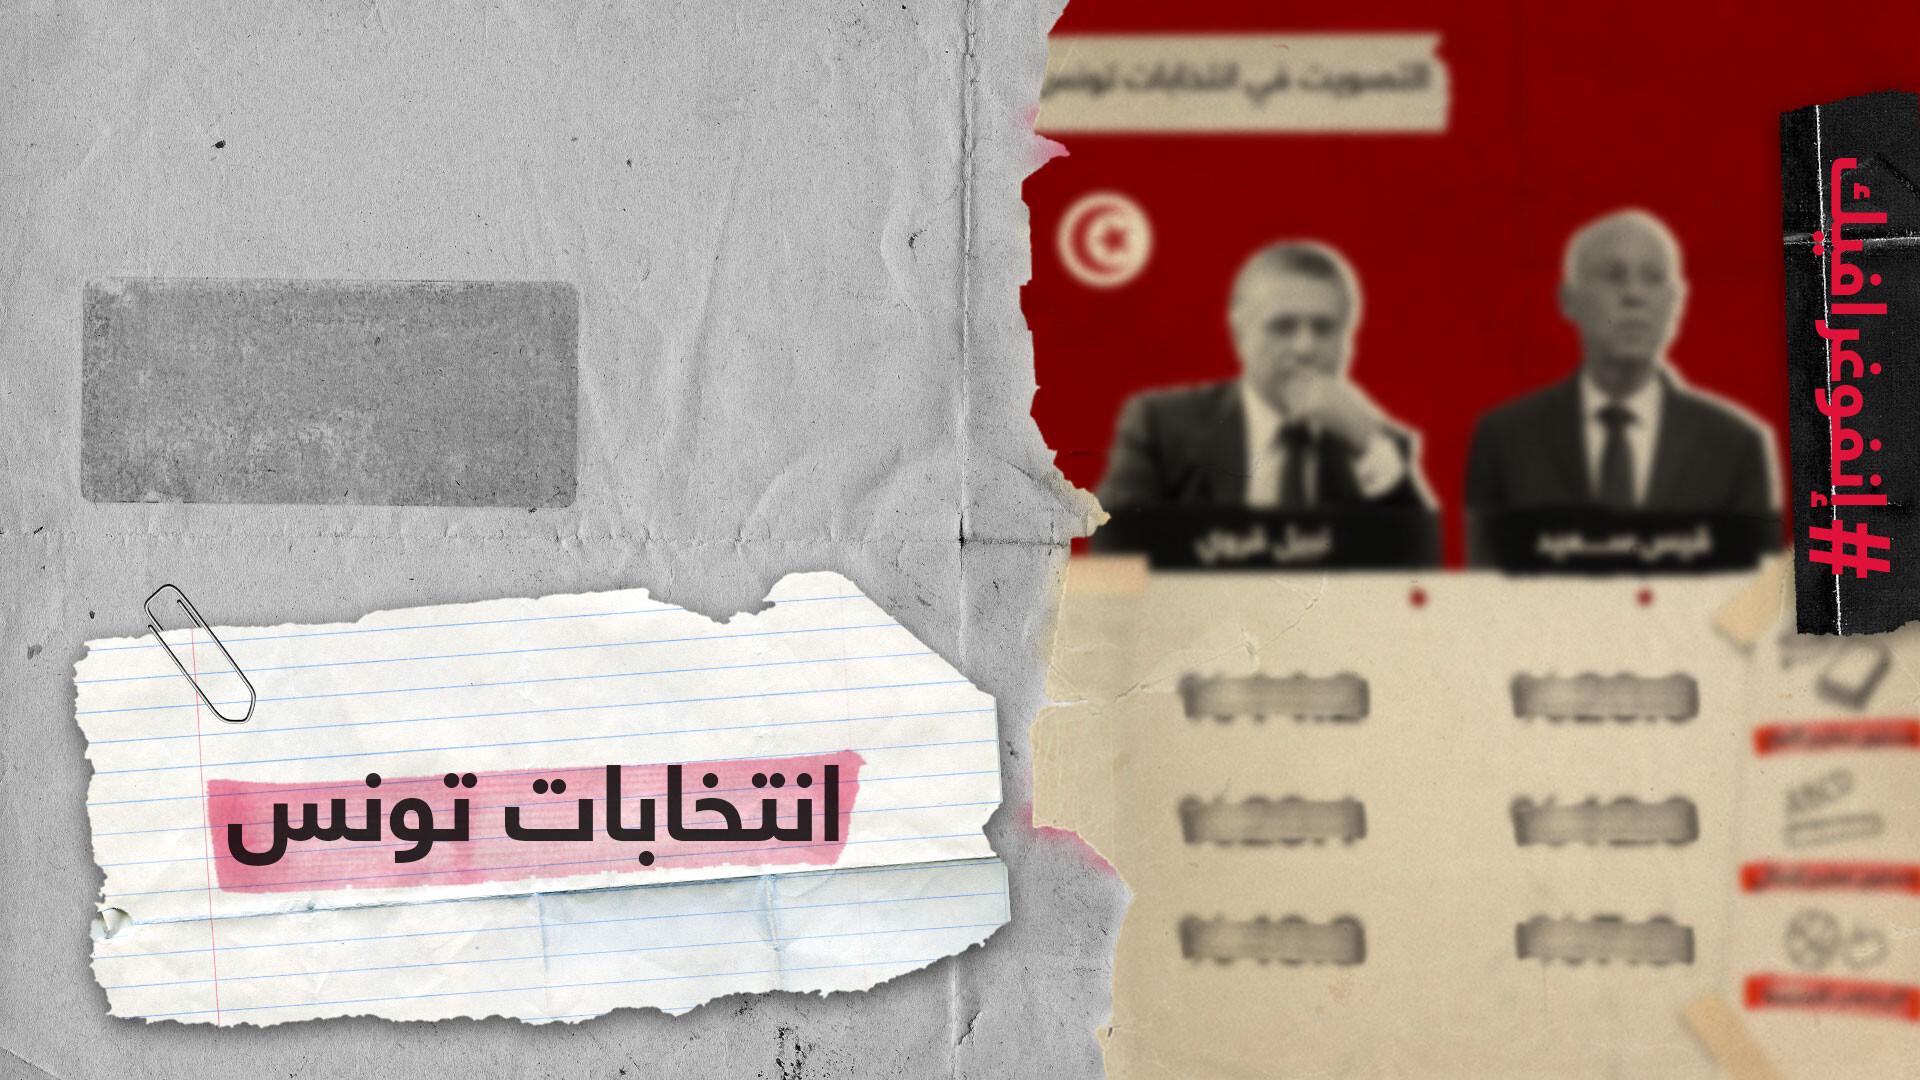 انتخابات تونس.. مستوى التعليم واتجاهات التصويت